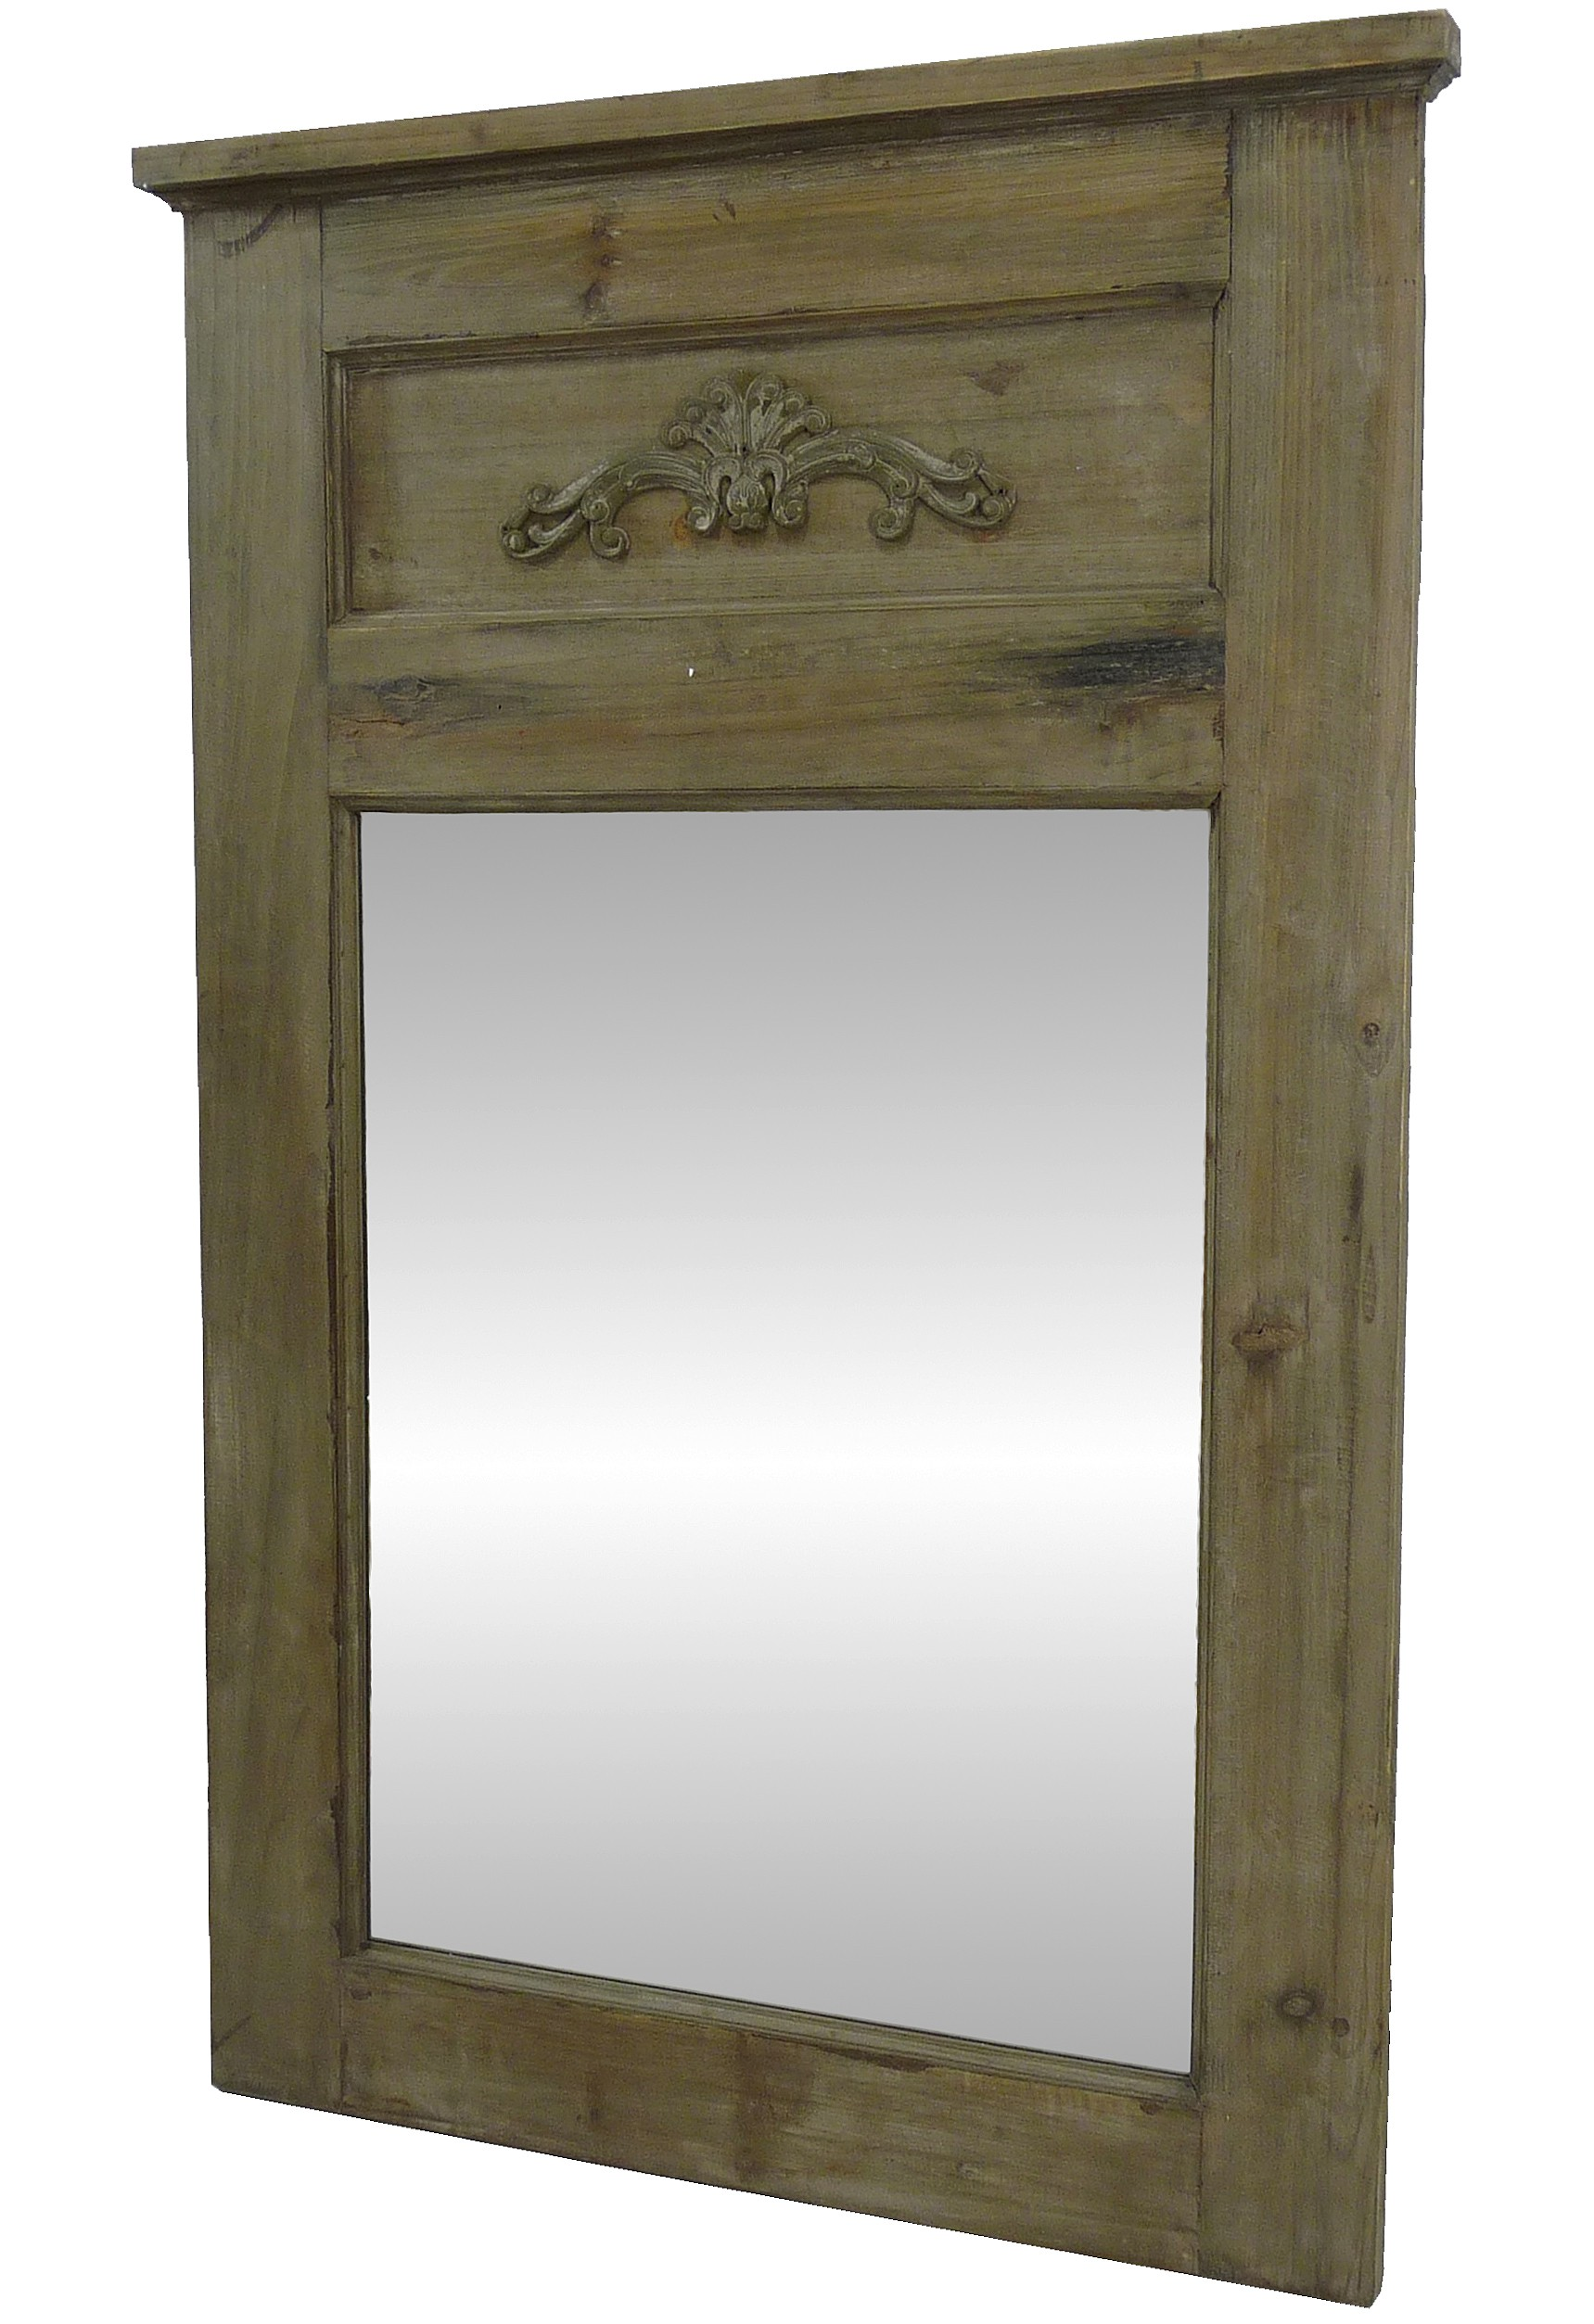 grand miroir de style trumeau en bois avec frise glace de cheminee 4x65x100cm Résultat Supérieur 16 Nouveau Grand Miroir Deco Galerie 2017 Kqk9